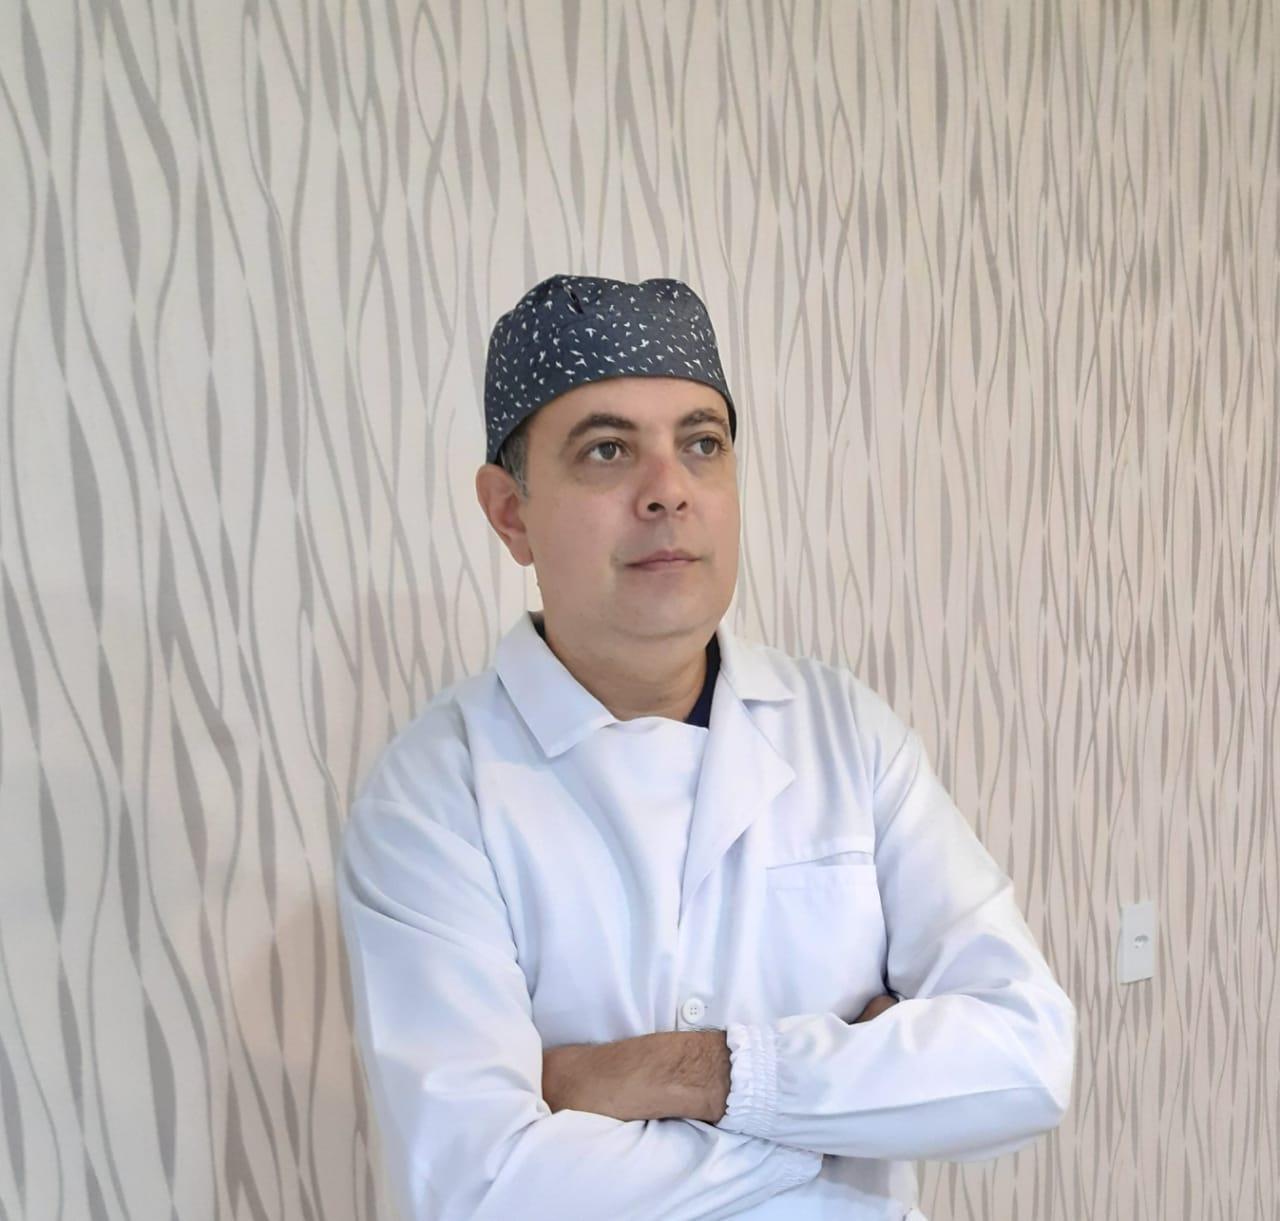 Antonio Carlos da Silva Filho